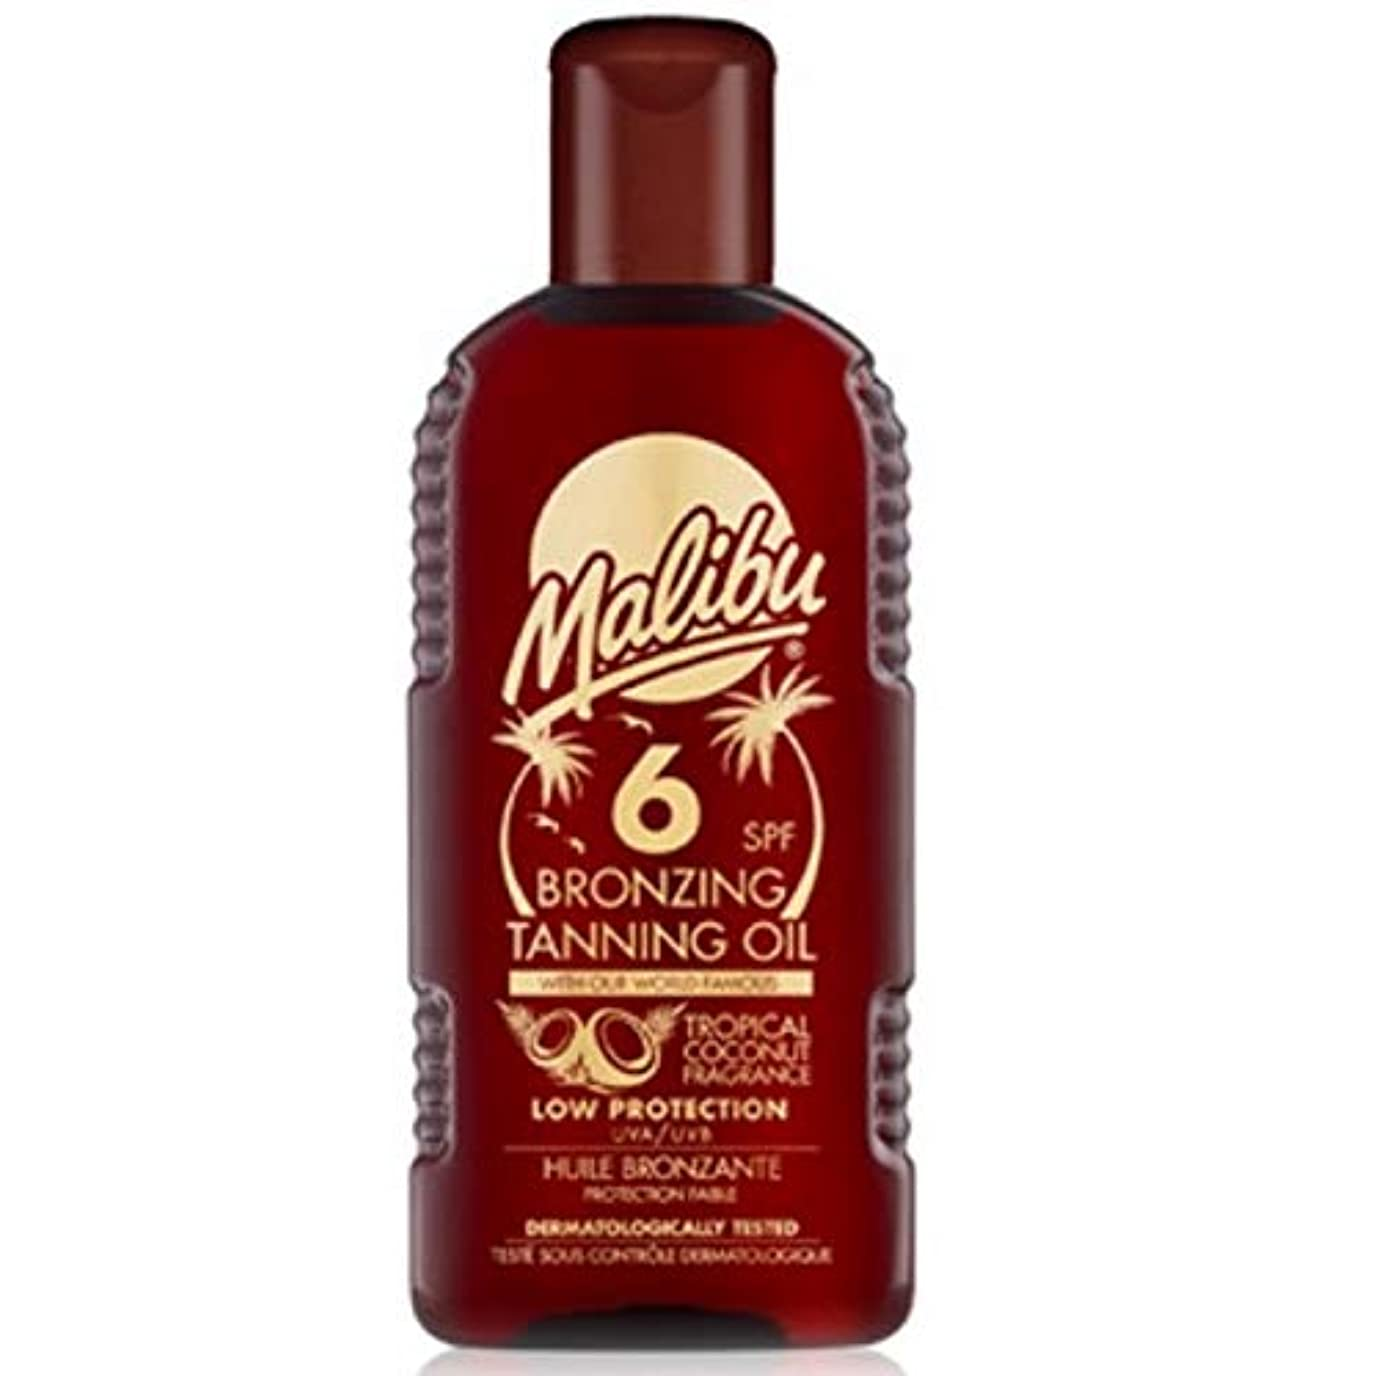 かりて初期の始まり[Malibu ] マリブブロンズ日焼けオイルSp6 - Malibu Bronzing Tanning Oil Sp6 [並行輸入品]